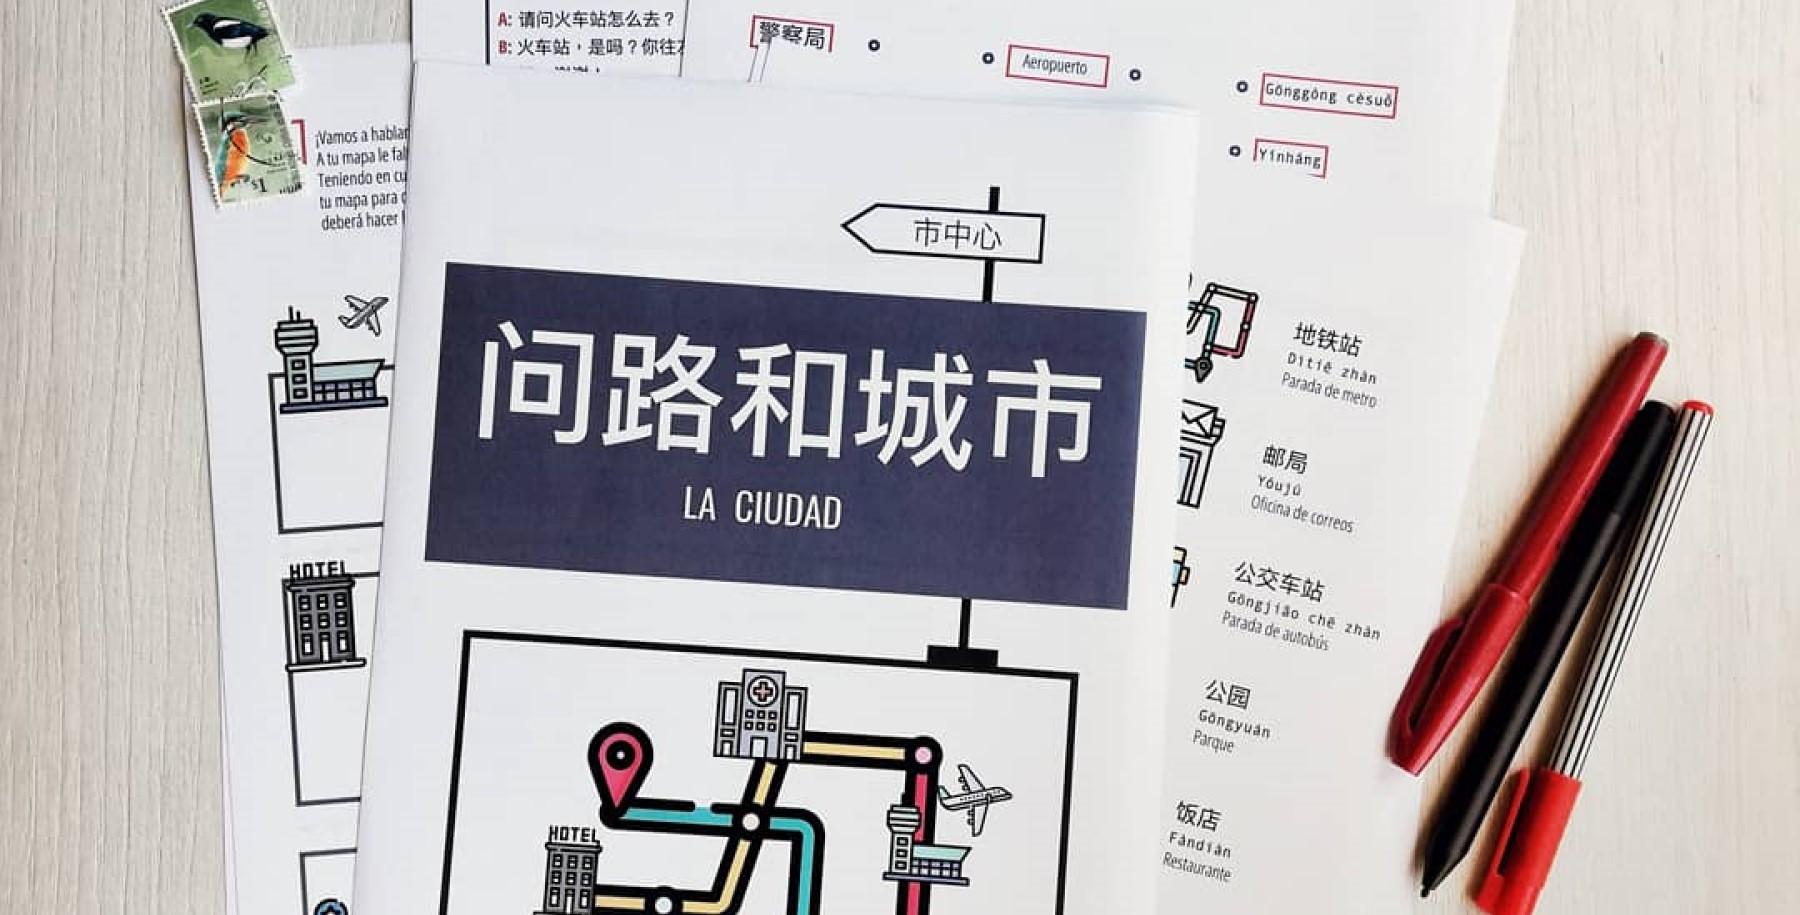 La ciudad en chino - Pedir direcciones en chino